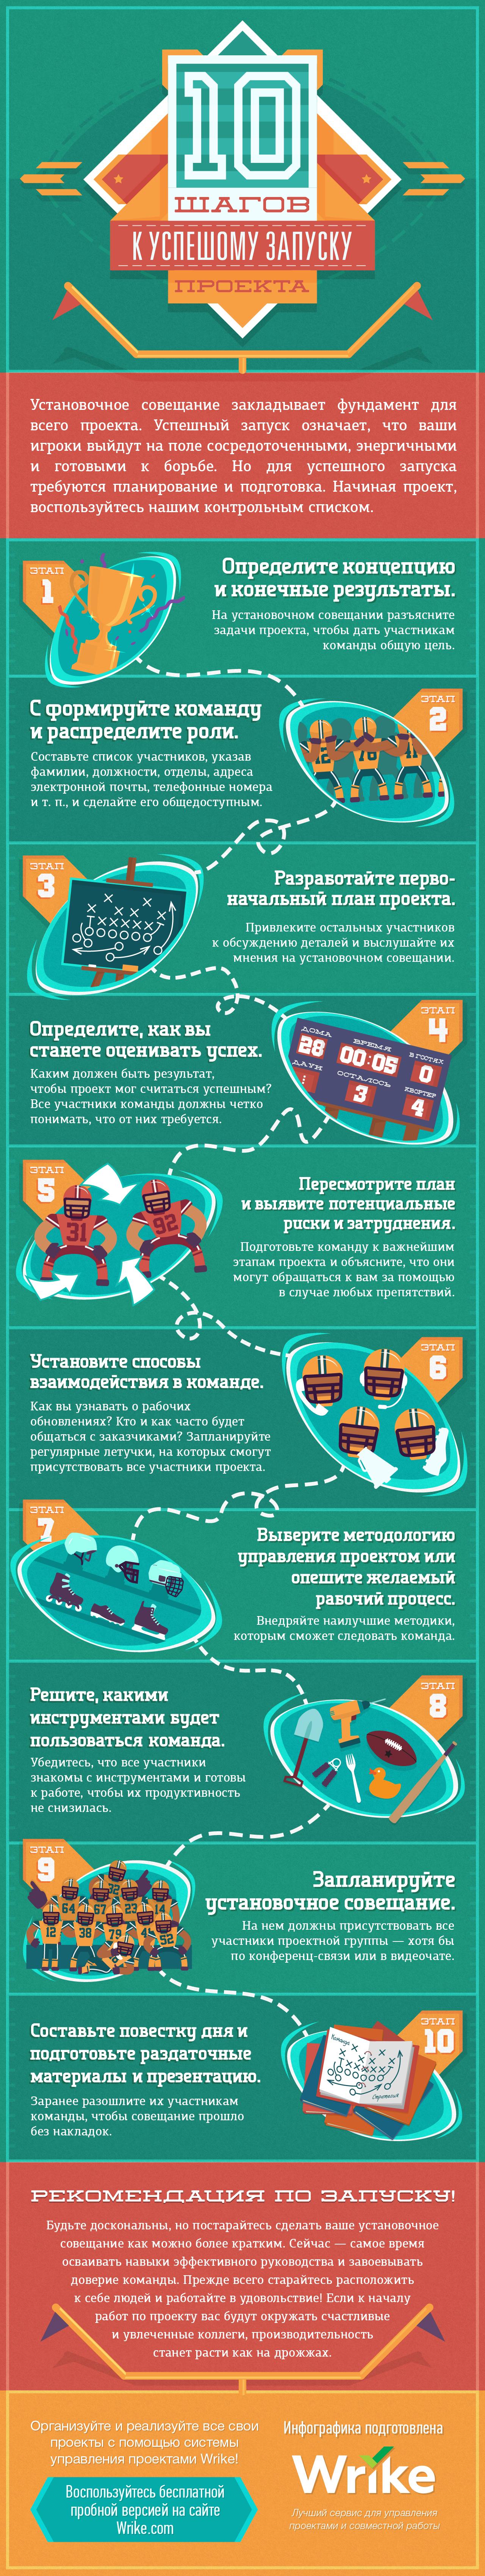 10 этапов подготовки убойного организационного совещания: шпаргалка для менеджера проектов (инфографика)